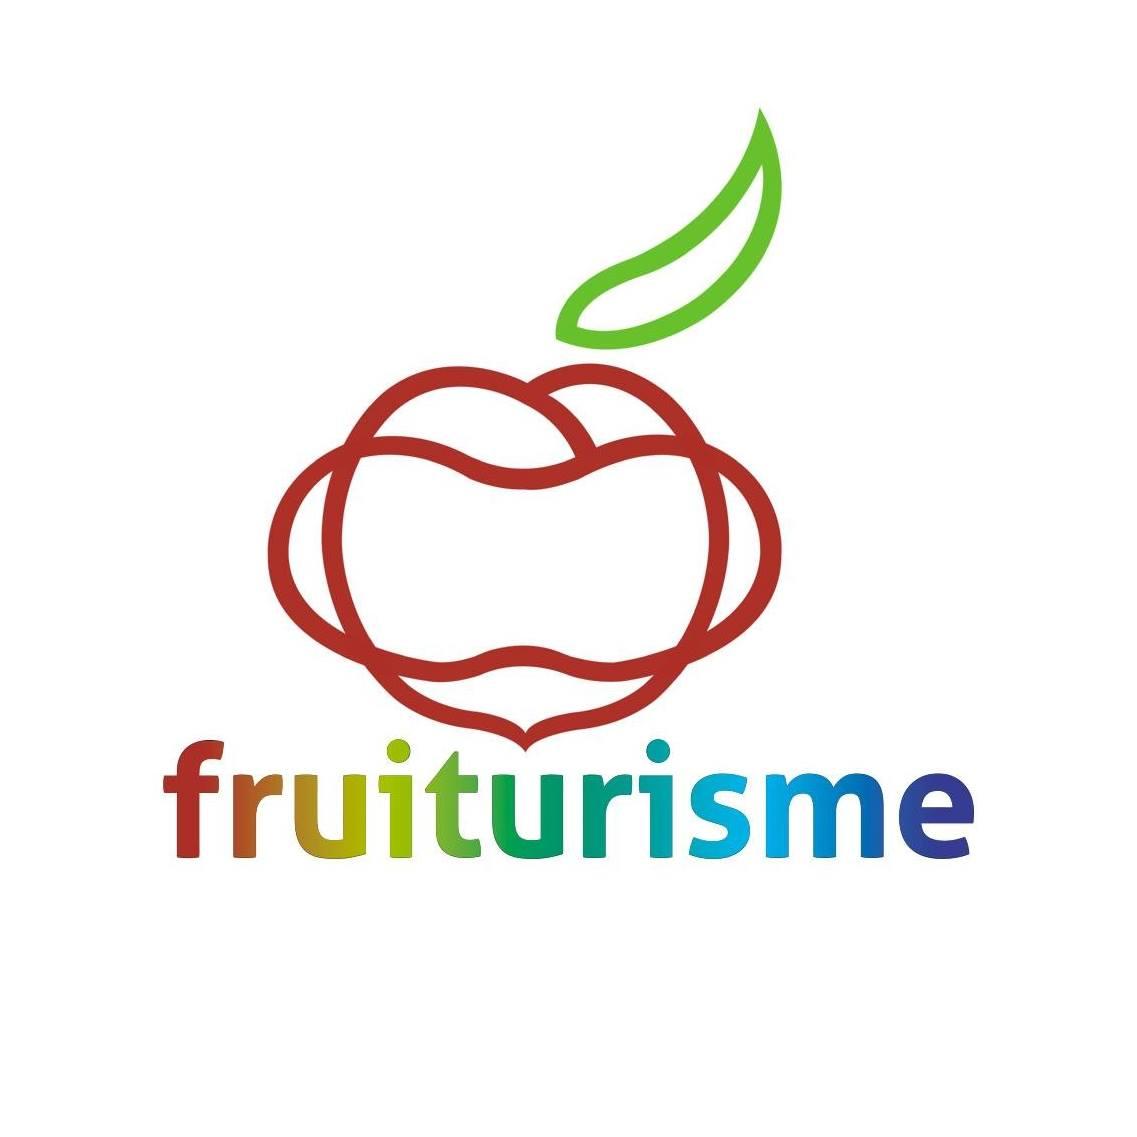 Fruiturisme Aitona